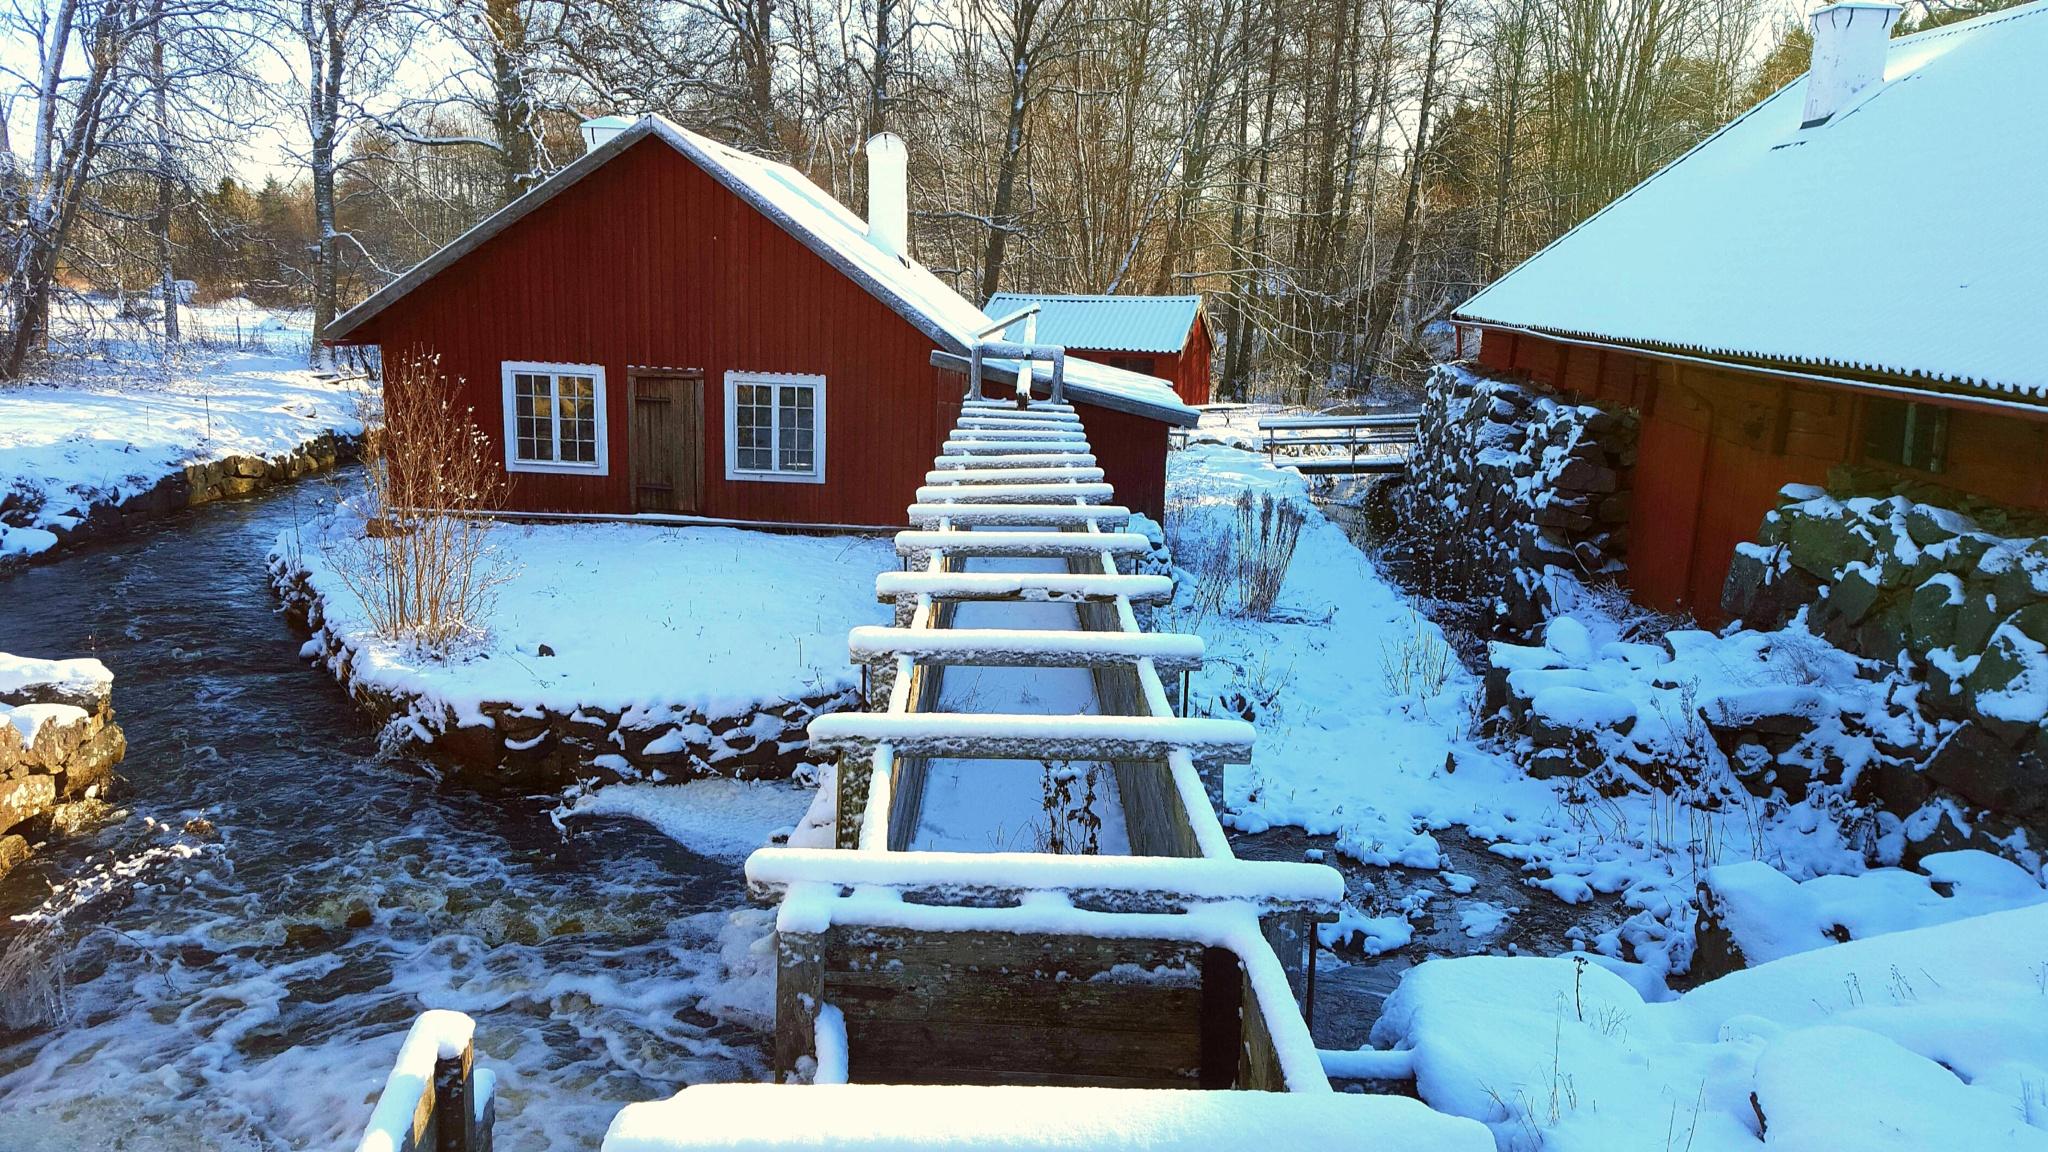 Vinter in Roslagen by Susanne Brännström